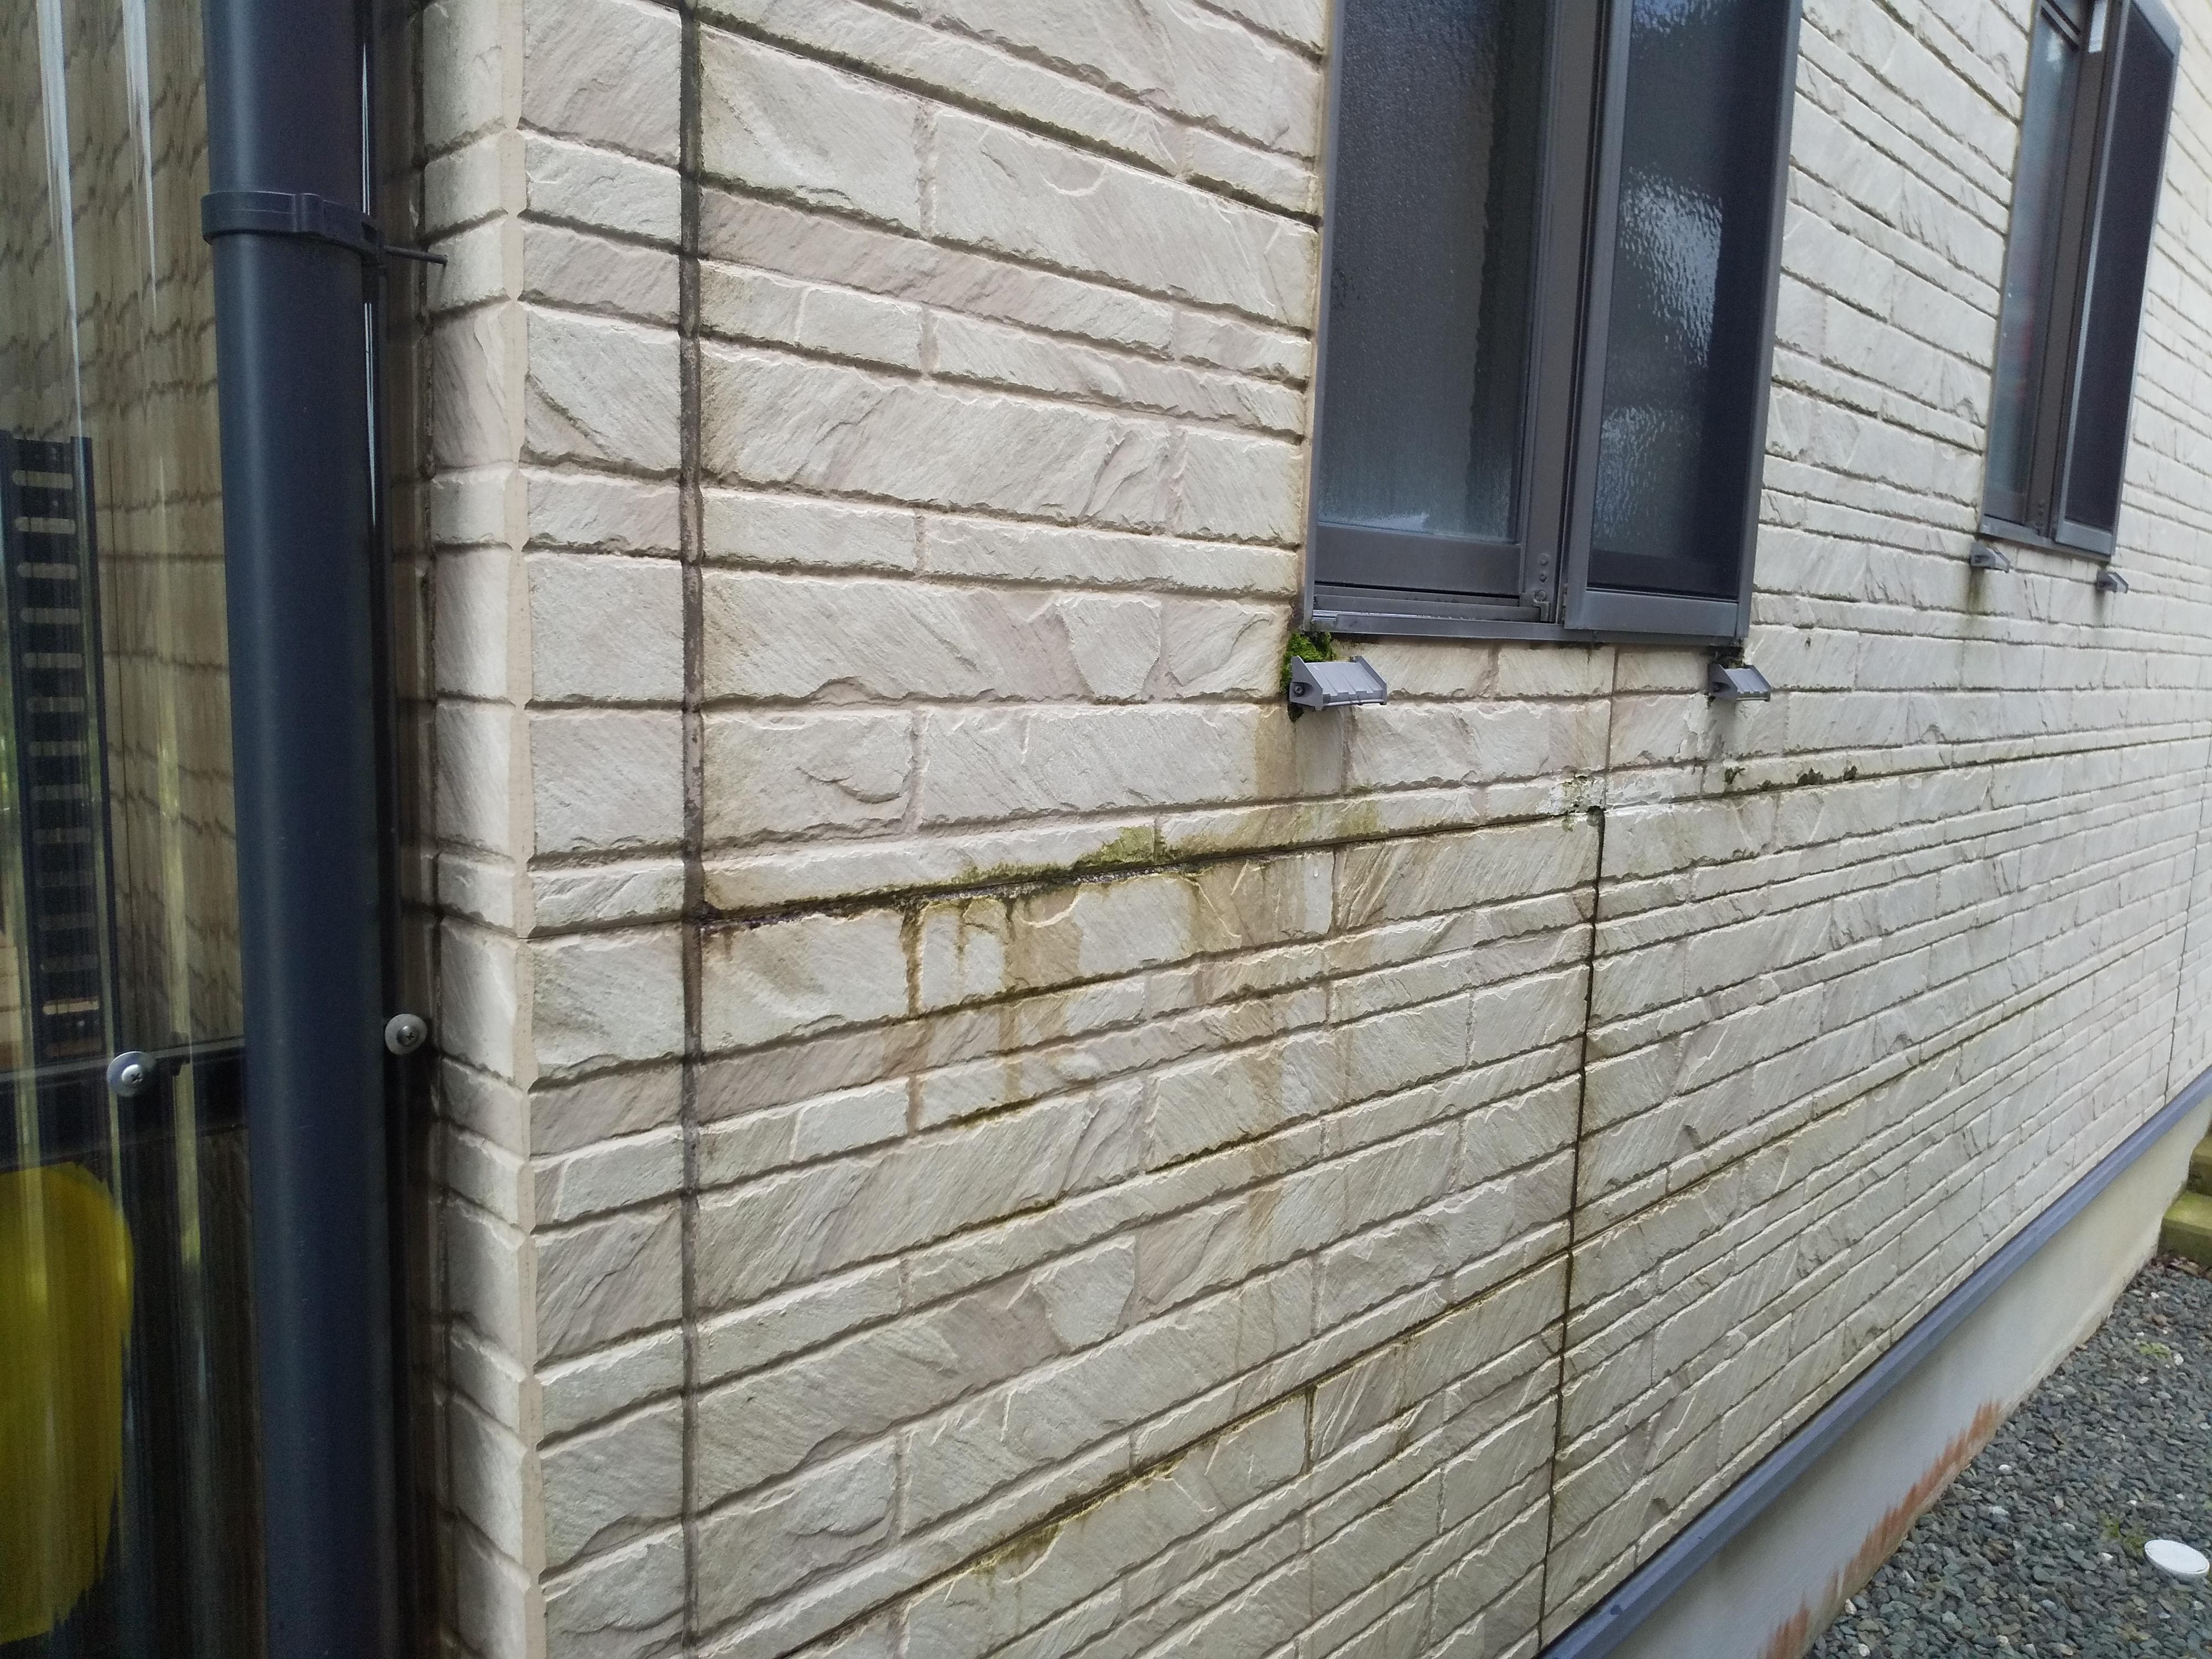 外壁現地調査:西面水まわりのコケや剥がれ、北面風当たり強く痛みが激しいとご相談